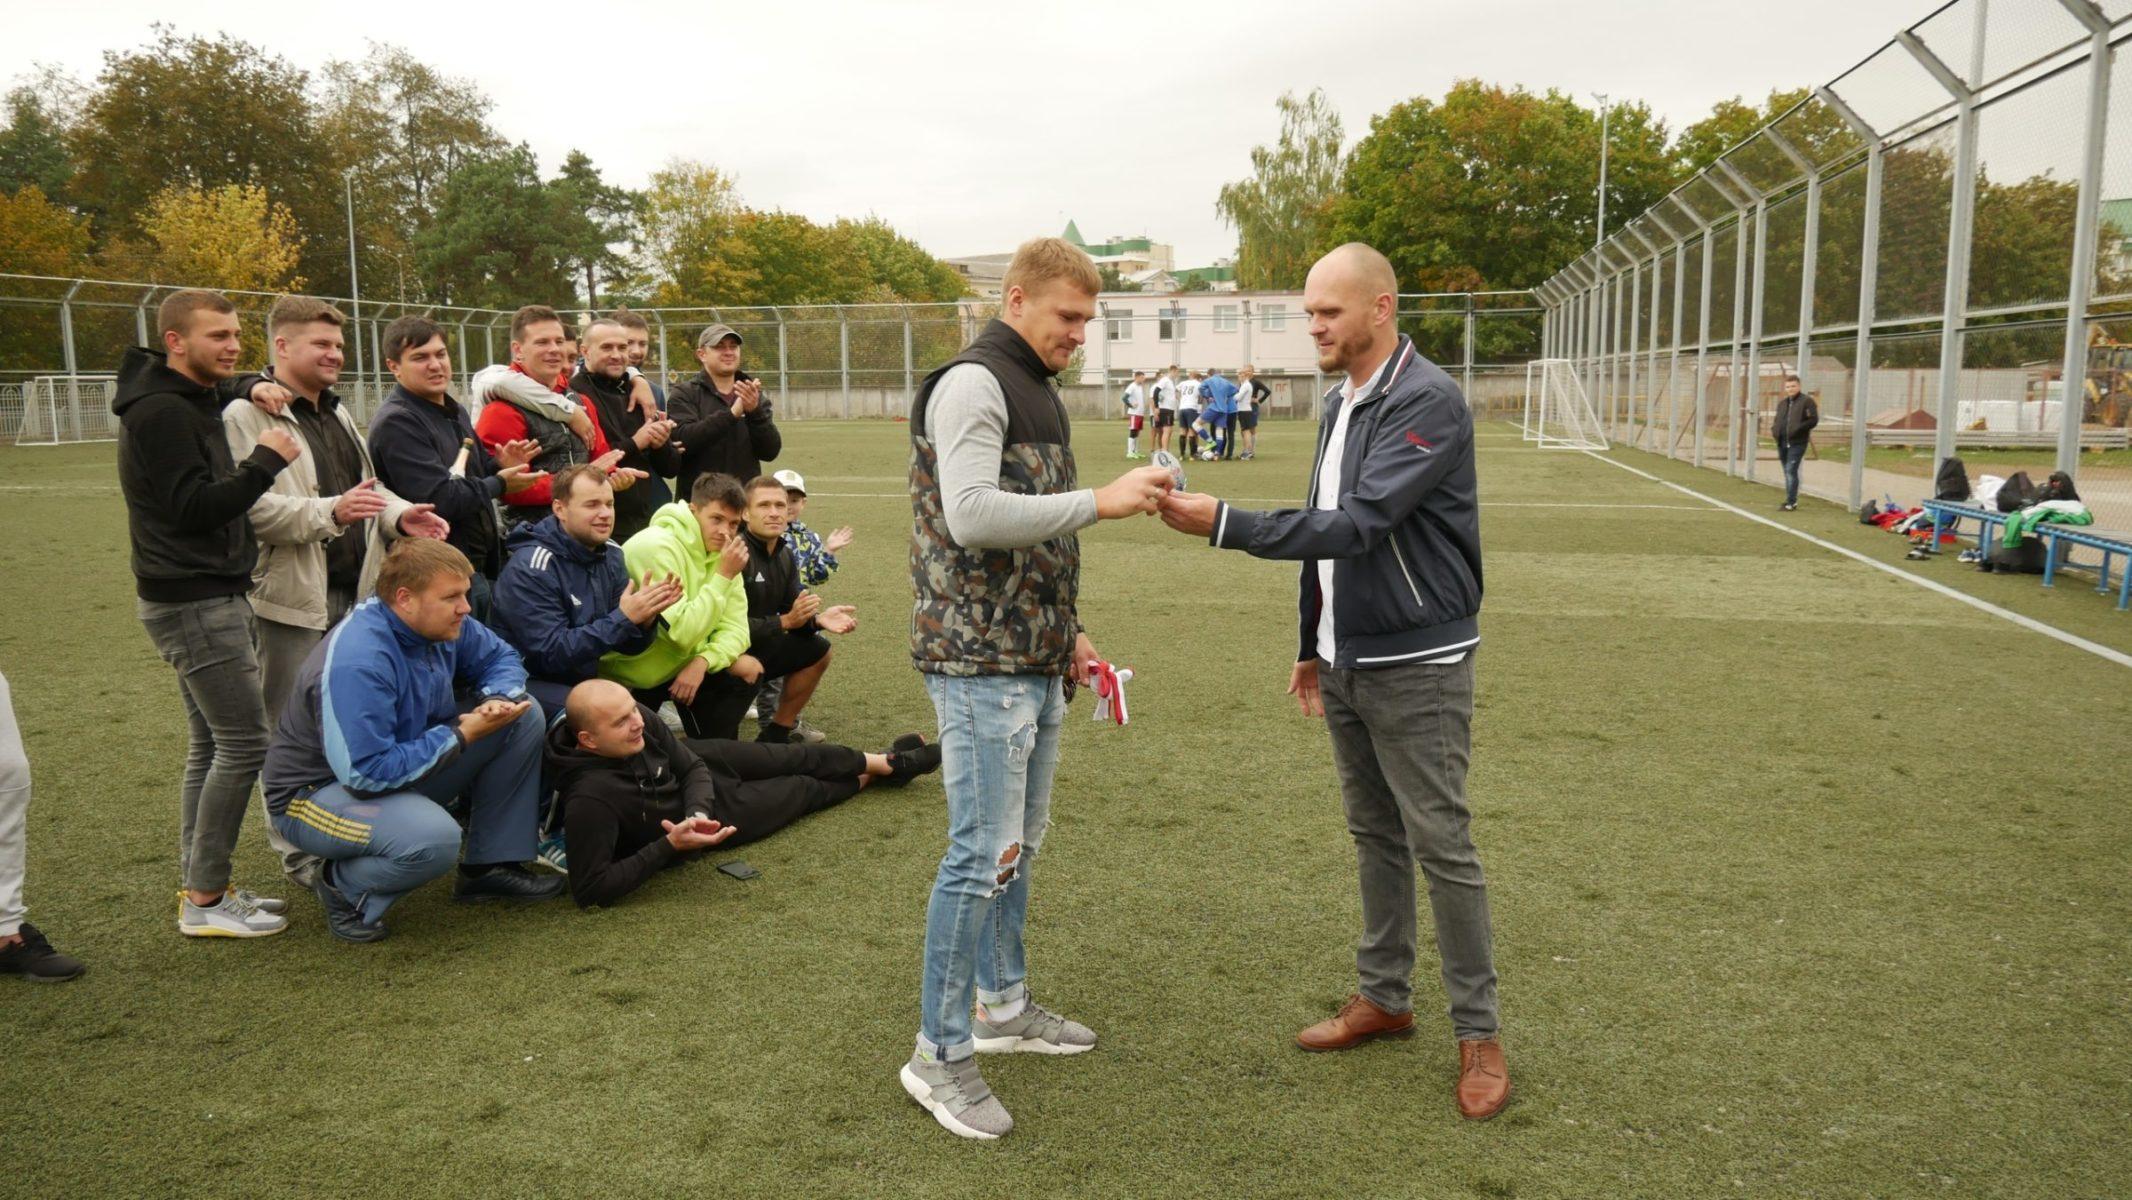 Павел Шупилов (справа) вручает приз лучшему бомбардиру, который за Алексея Ахремко получает капитан команды «К-Транс» Евгений Шадура.